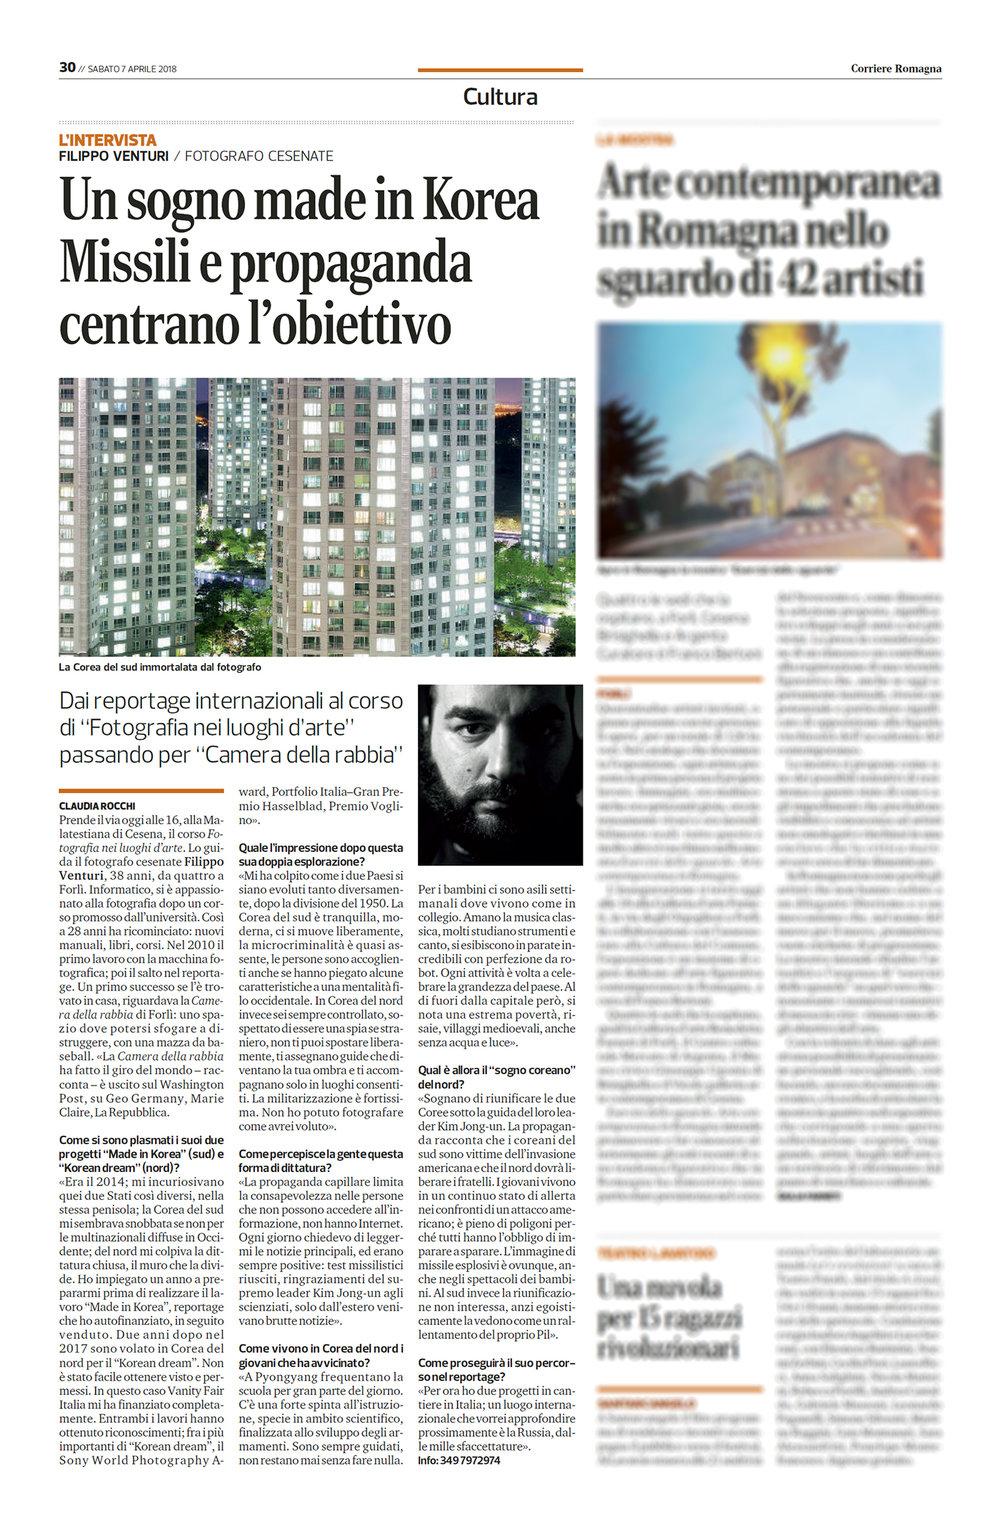 corriere_romagna_venturi.jpg